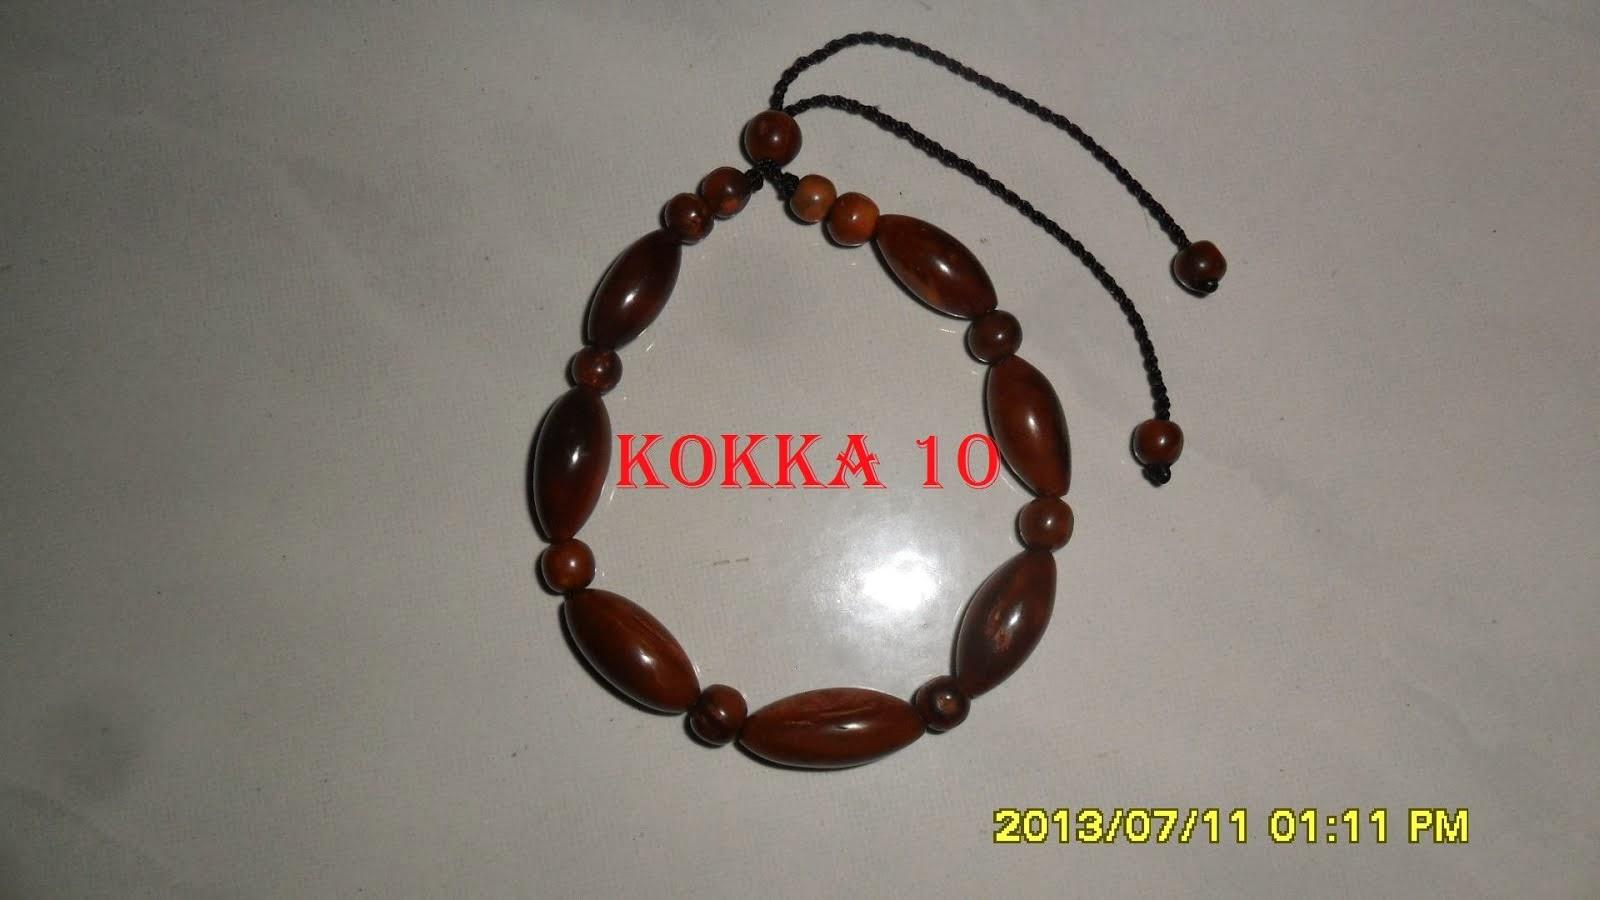 KOKKA 10